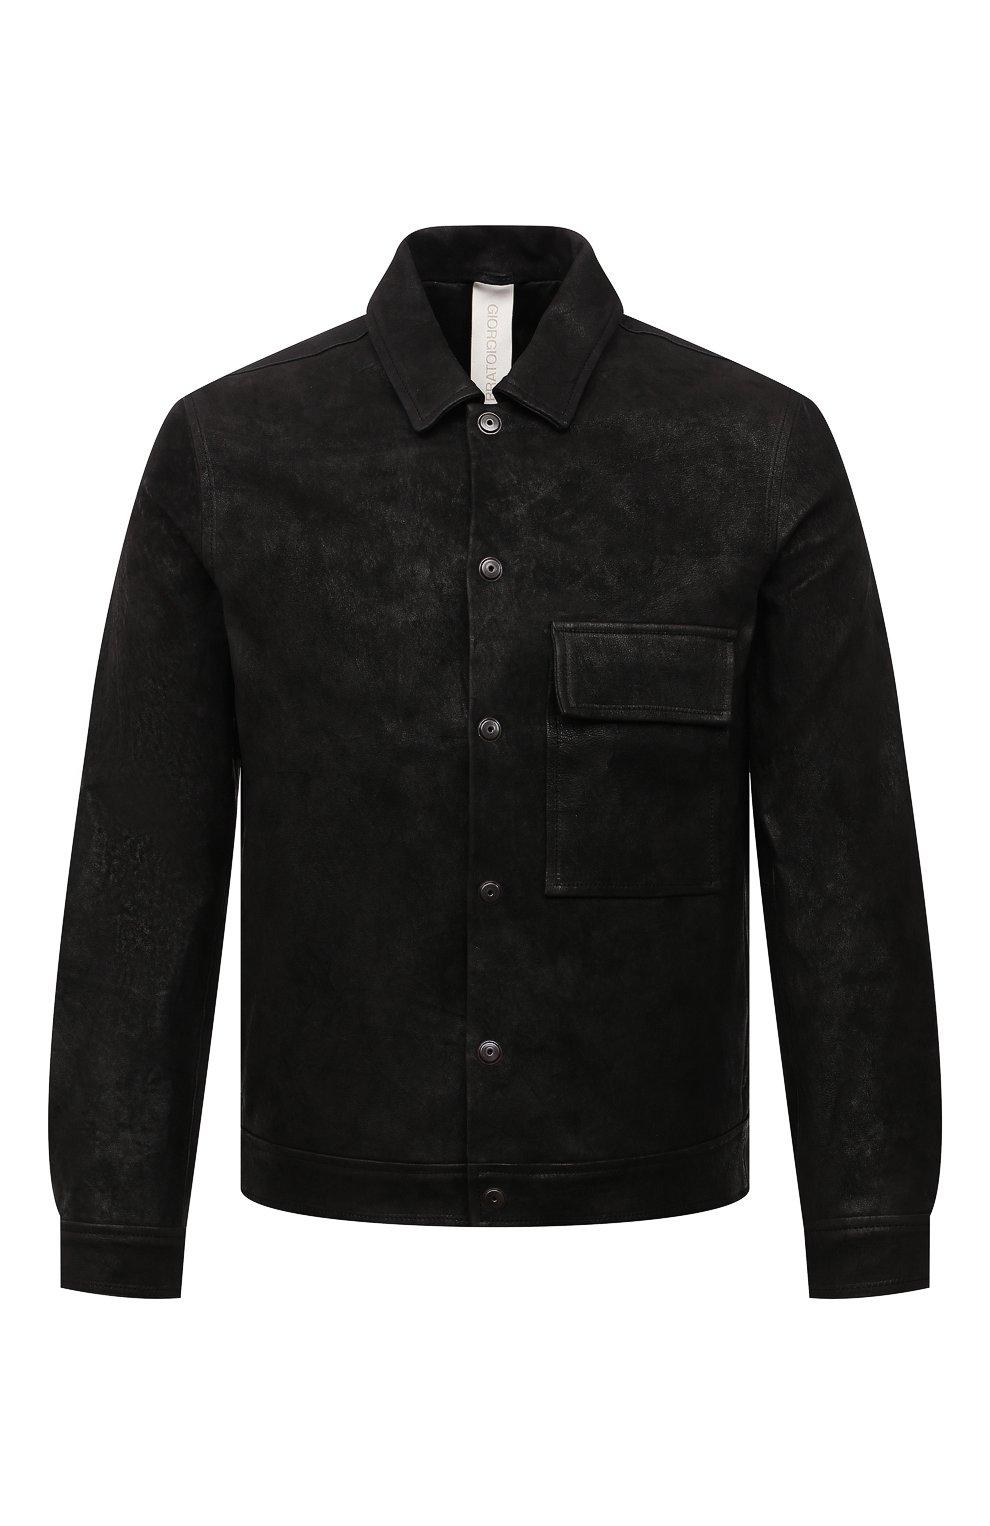 Мужская кожаная куртка GIORGIO BRATO черного цвета, арт. GU21S9808GMBH | Фото 1 (Кросс-КТ: Куртка; Рукава: Длинные; Стили: Гранж; Мужское Кросс-КТ: Кожа и замша; Длина (верхняя одежда): Короткие; Материал подклада: Хлопок)